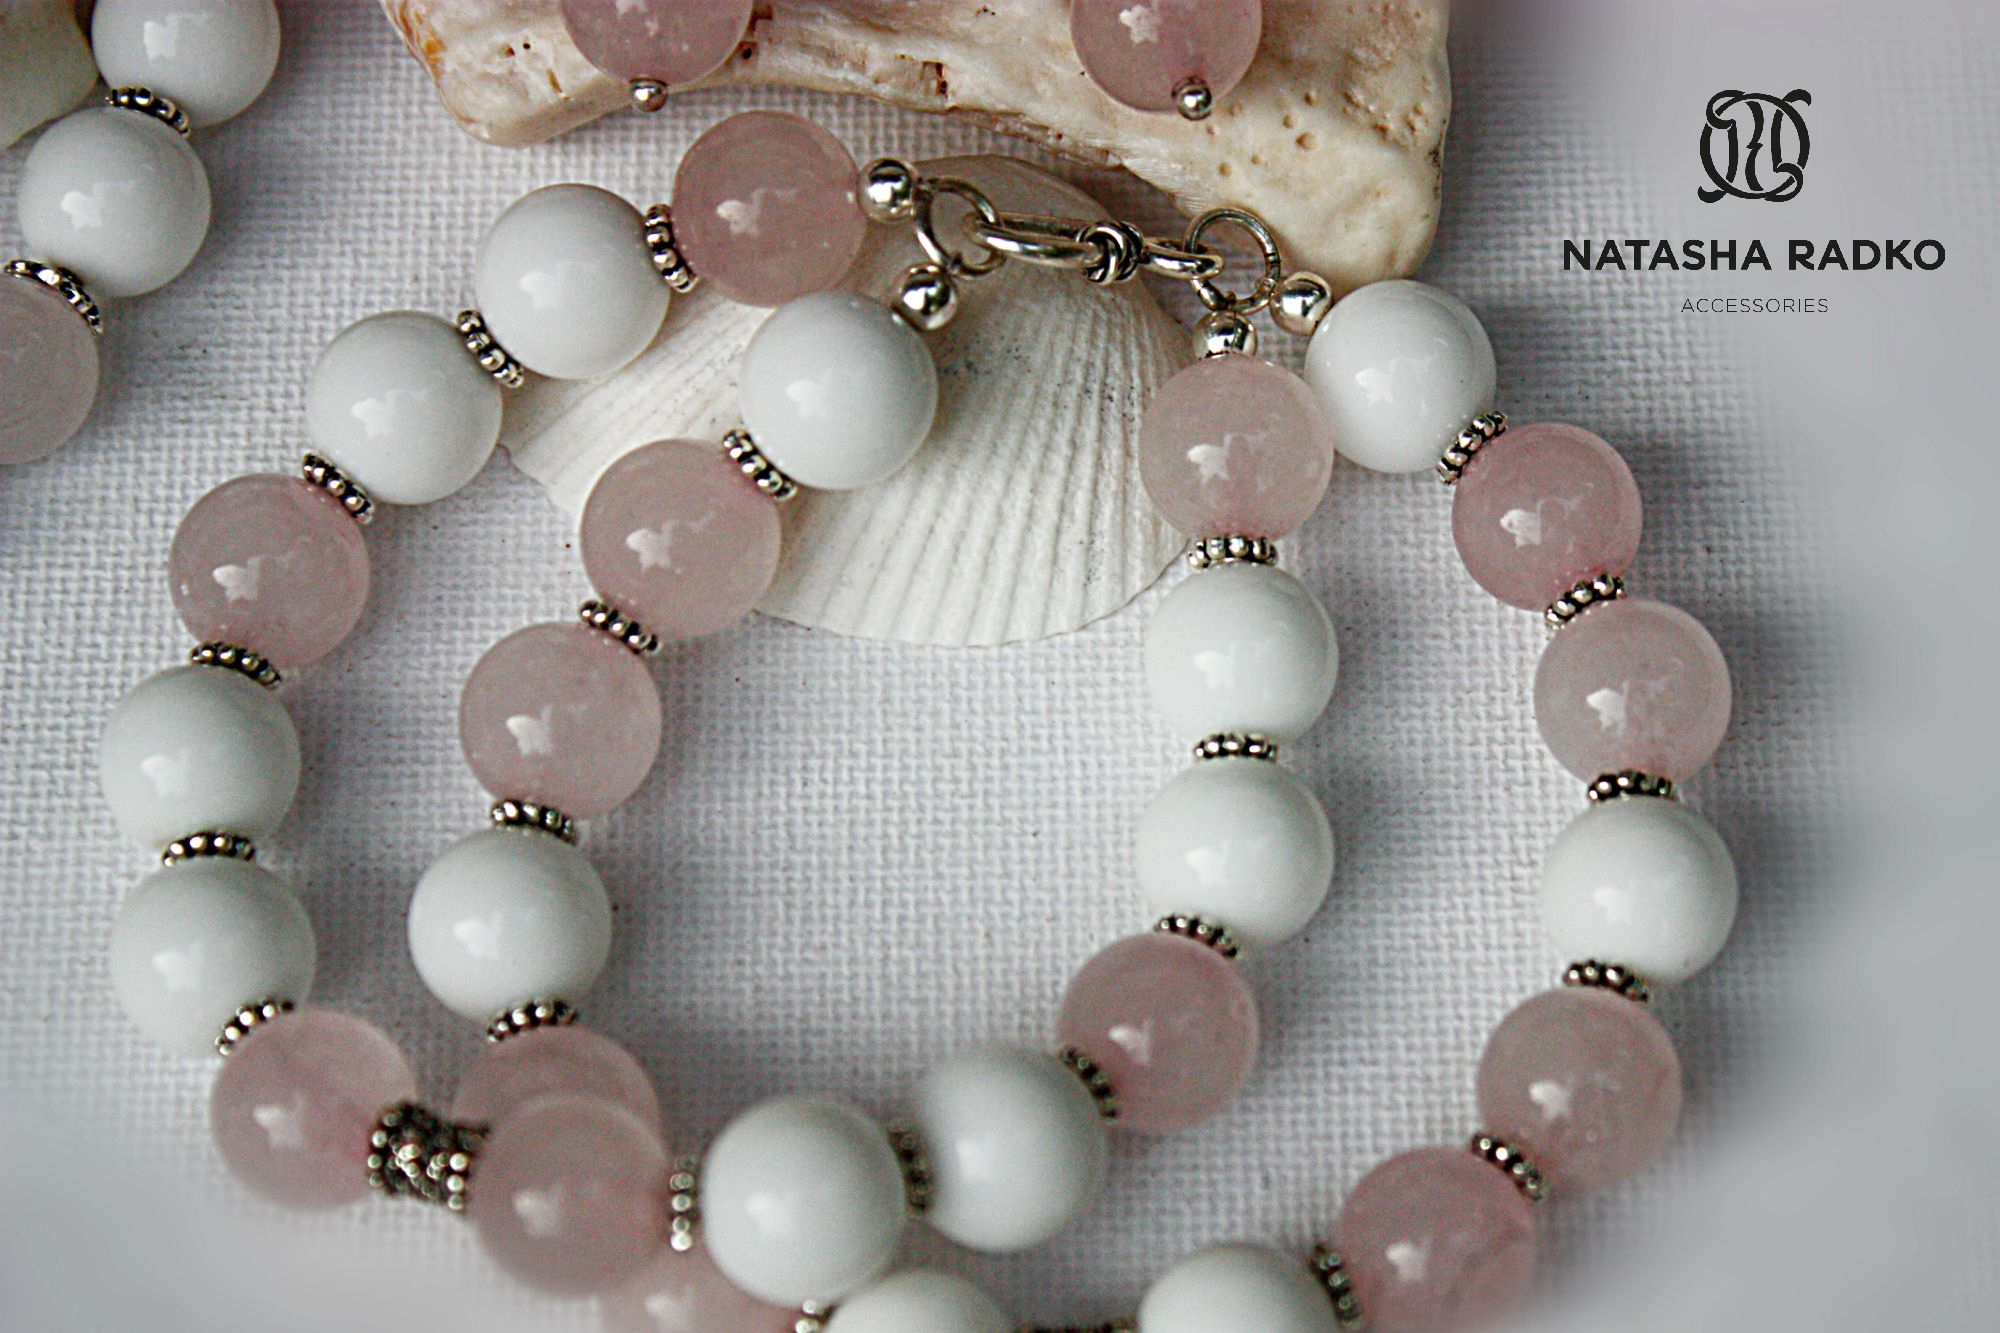 украшение набор агат натуральные серебро розовый камни кварц подарок